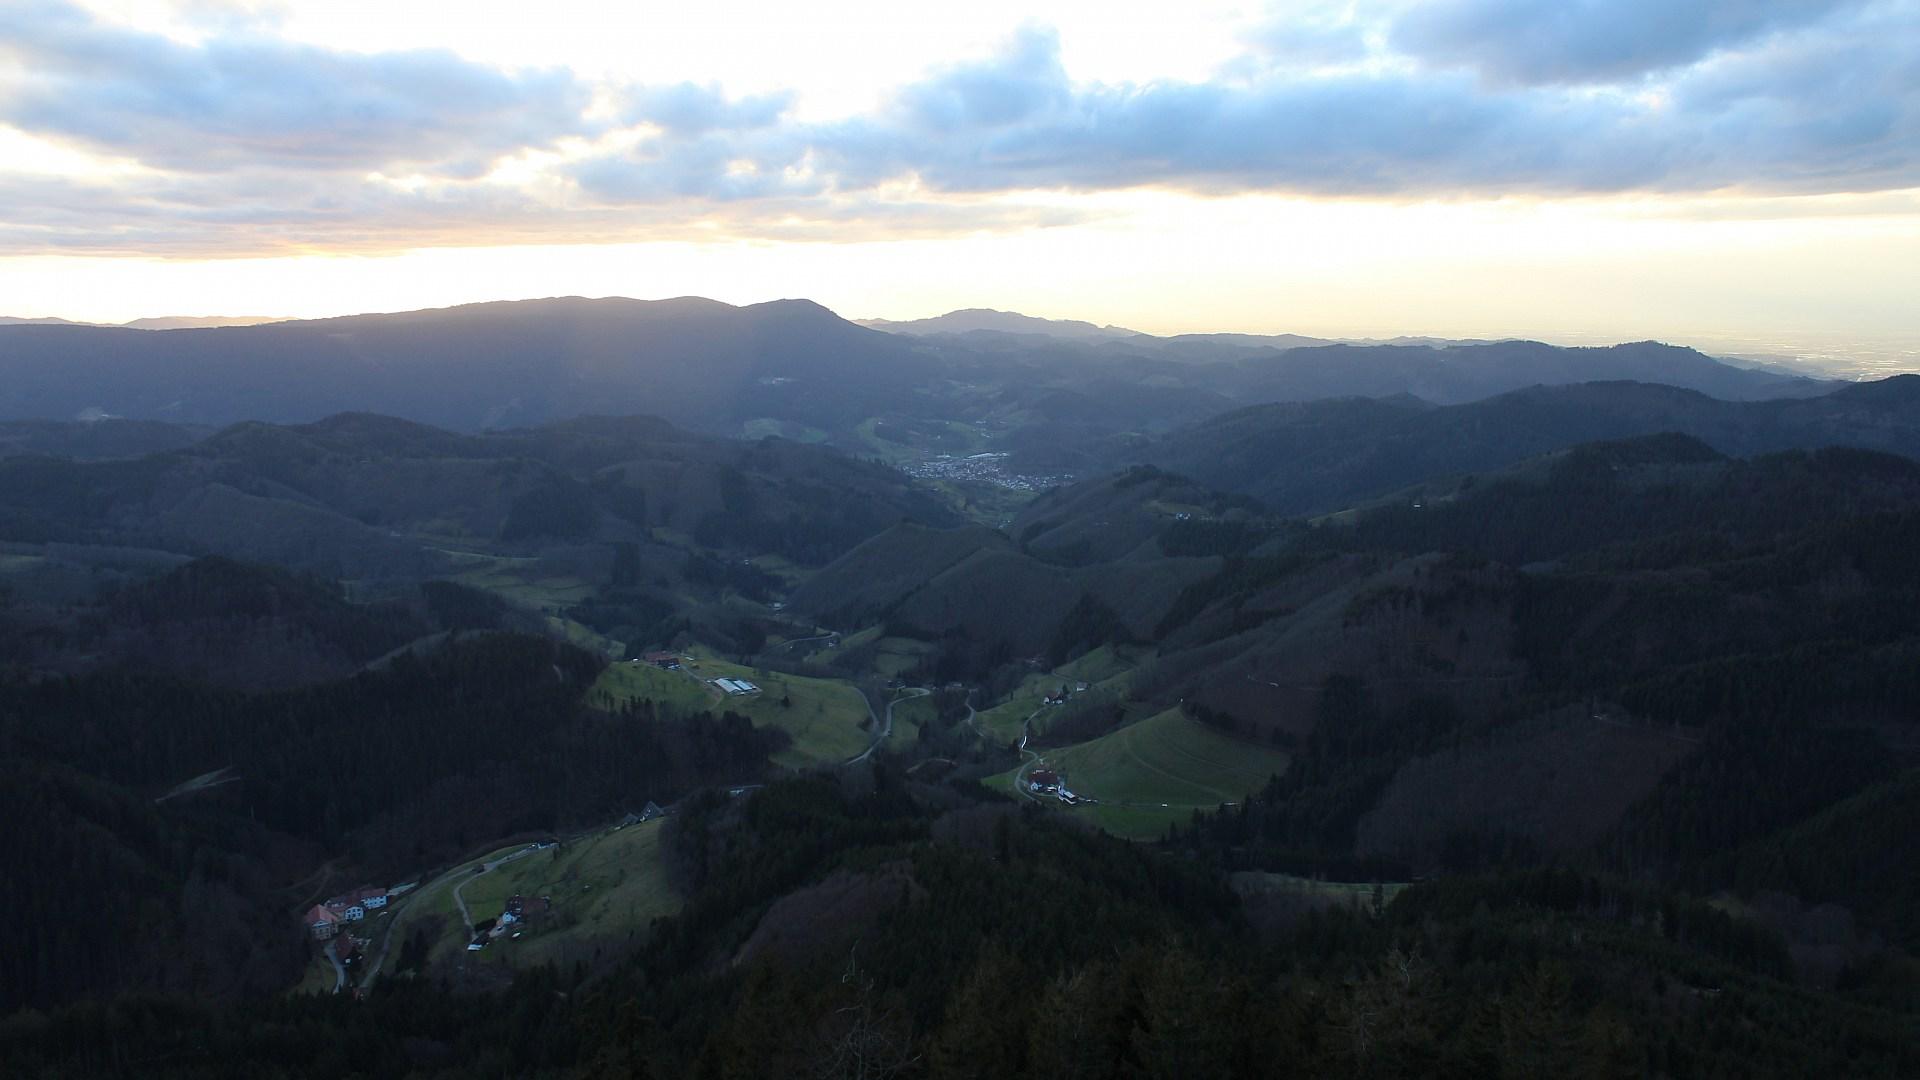 Aufnahme: Buchkopfturm vom 20.02.2020 17:20